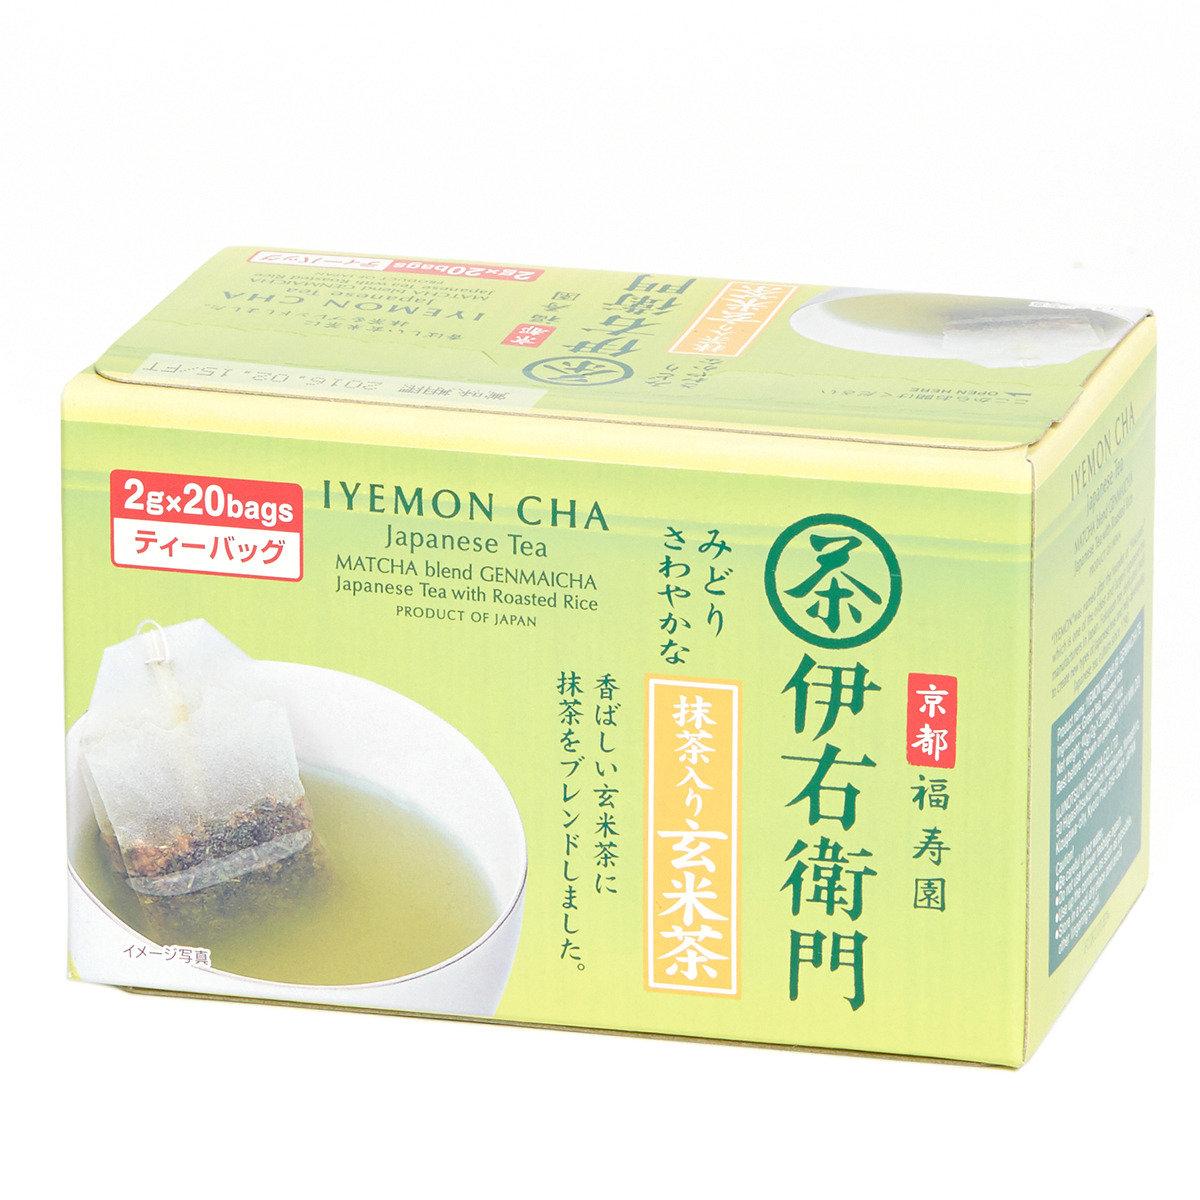 伊右衛門玄米茶茶包 (抹茶入)